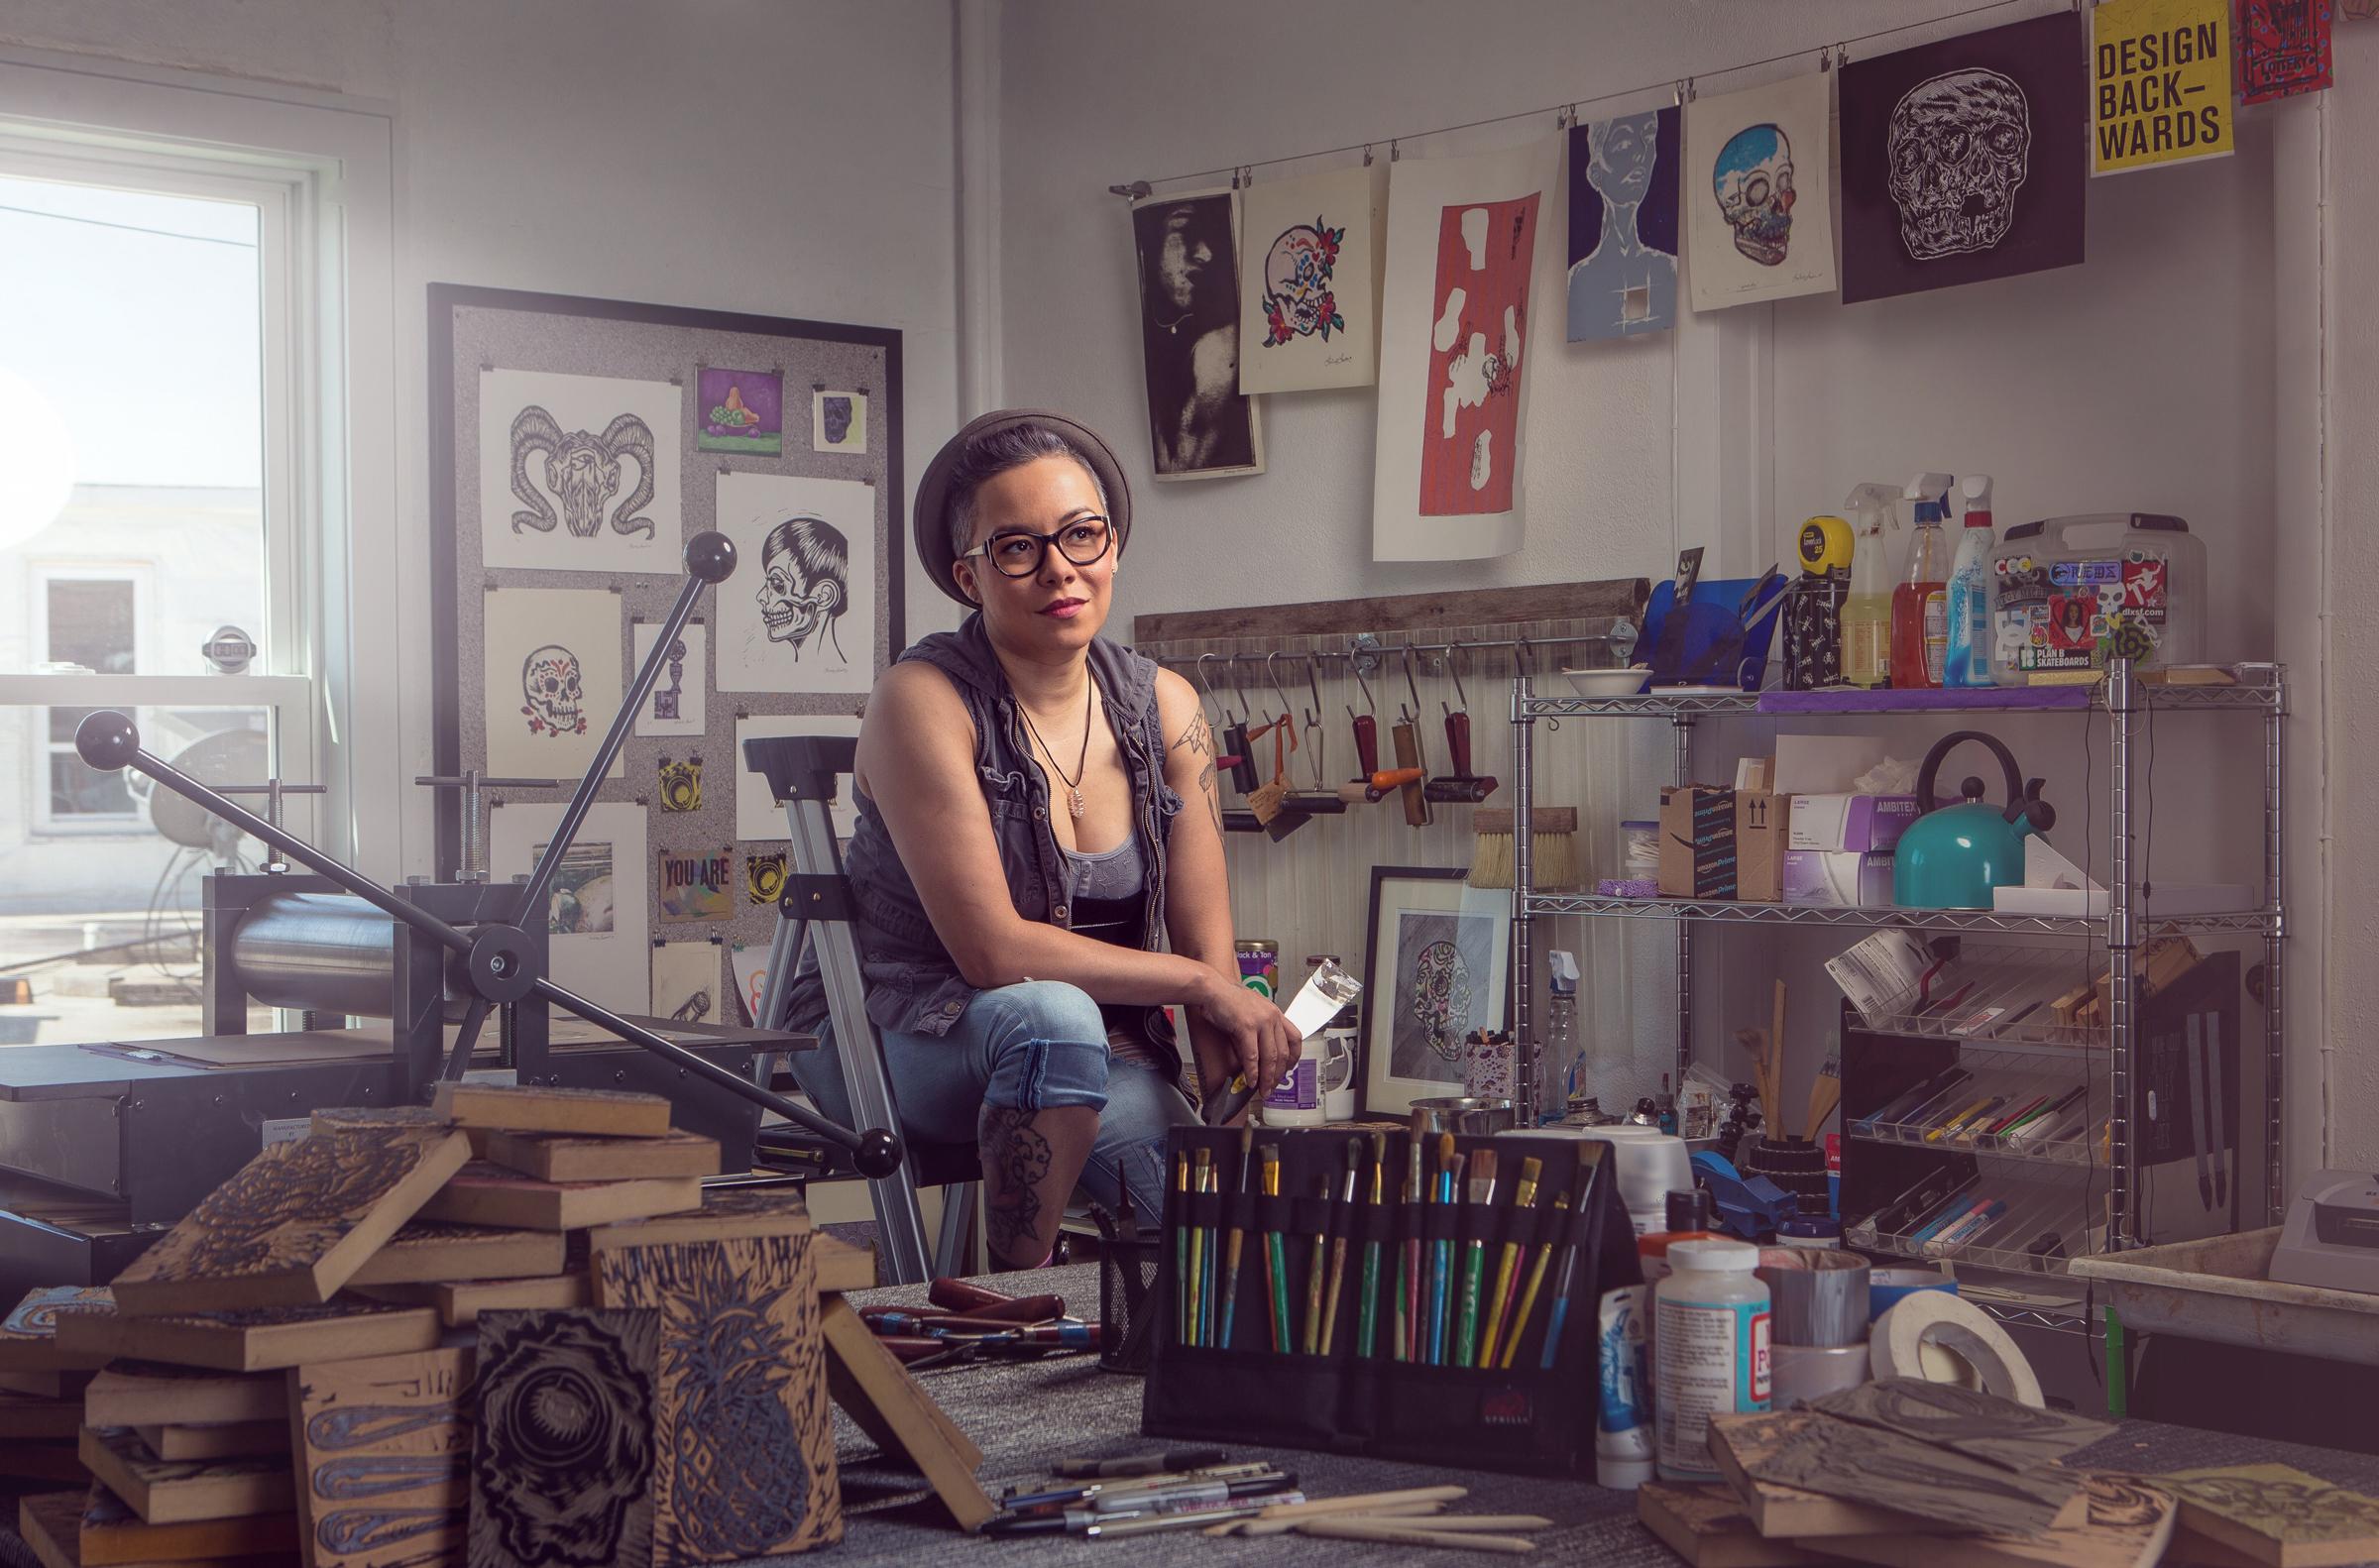 Artist Kimberly LaVon